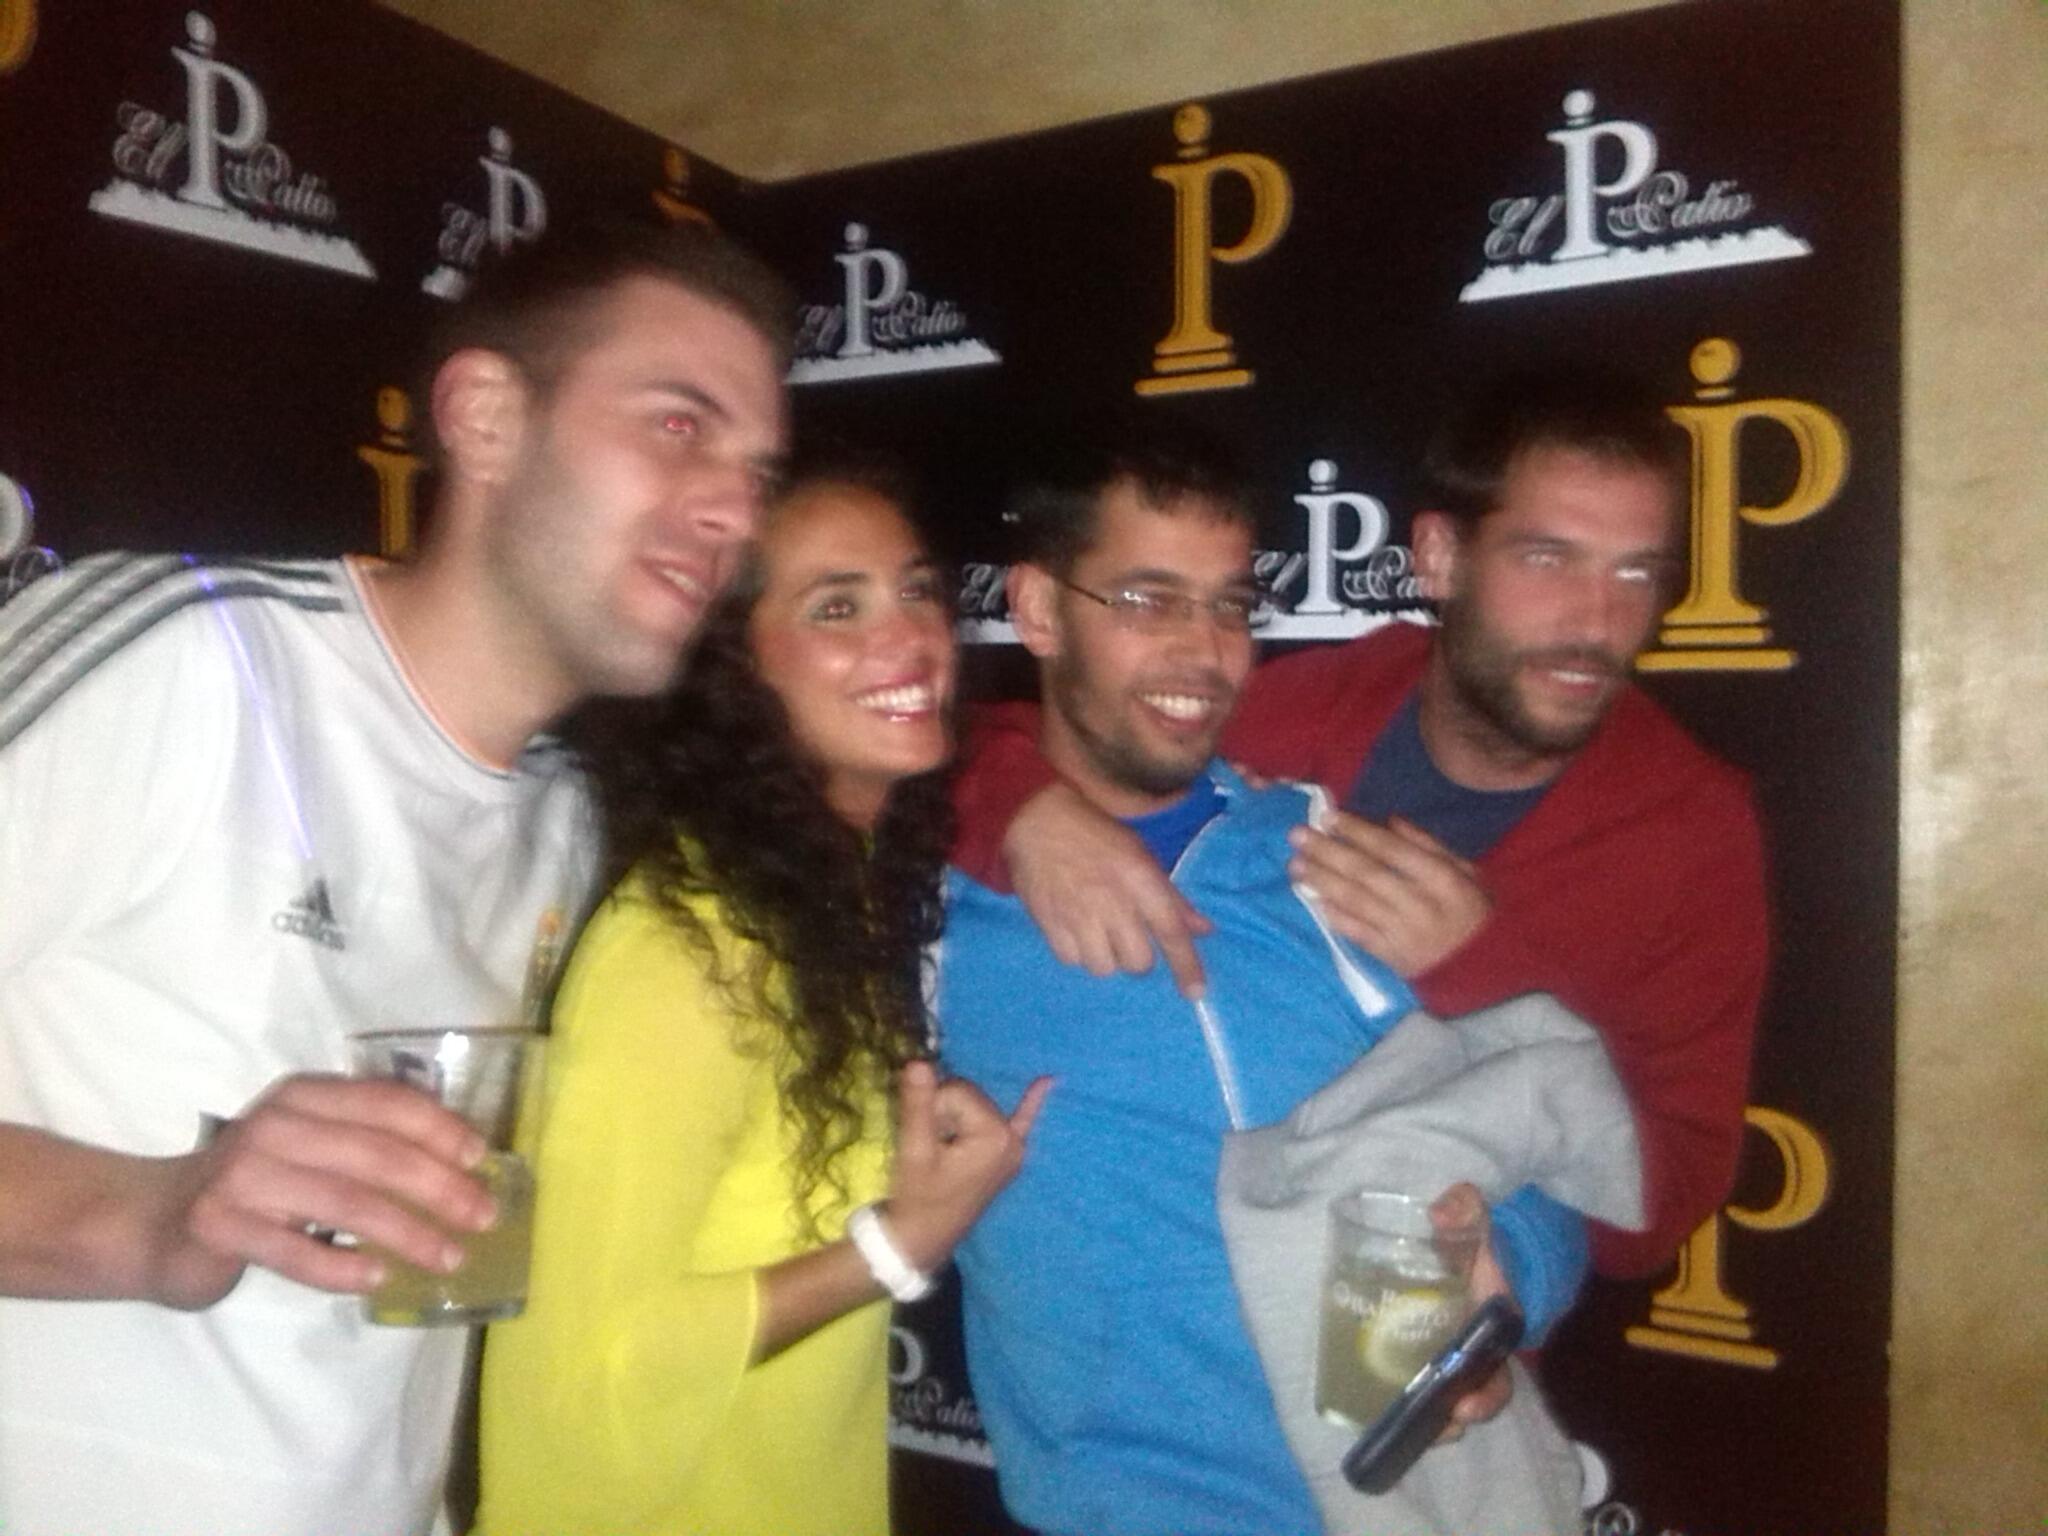 Fotos Bolos Sotillo de la Adrada (Avila) y Escalona (Toledo) 24 de mayo de 2014 - Página 5 BpEcRT9IcAAv9Wb